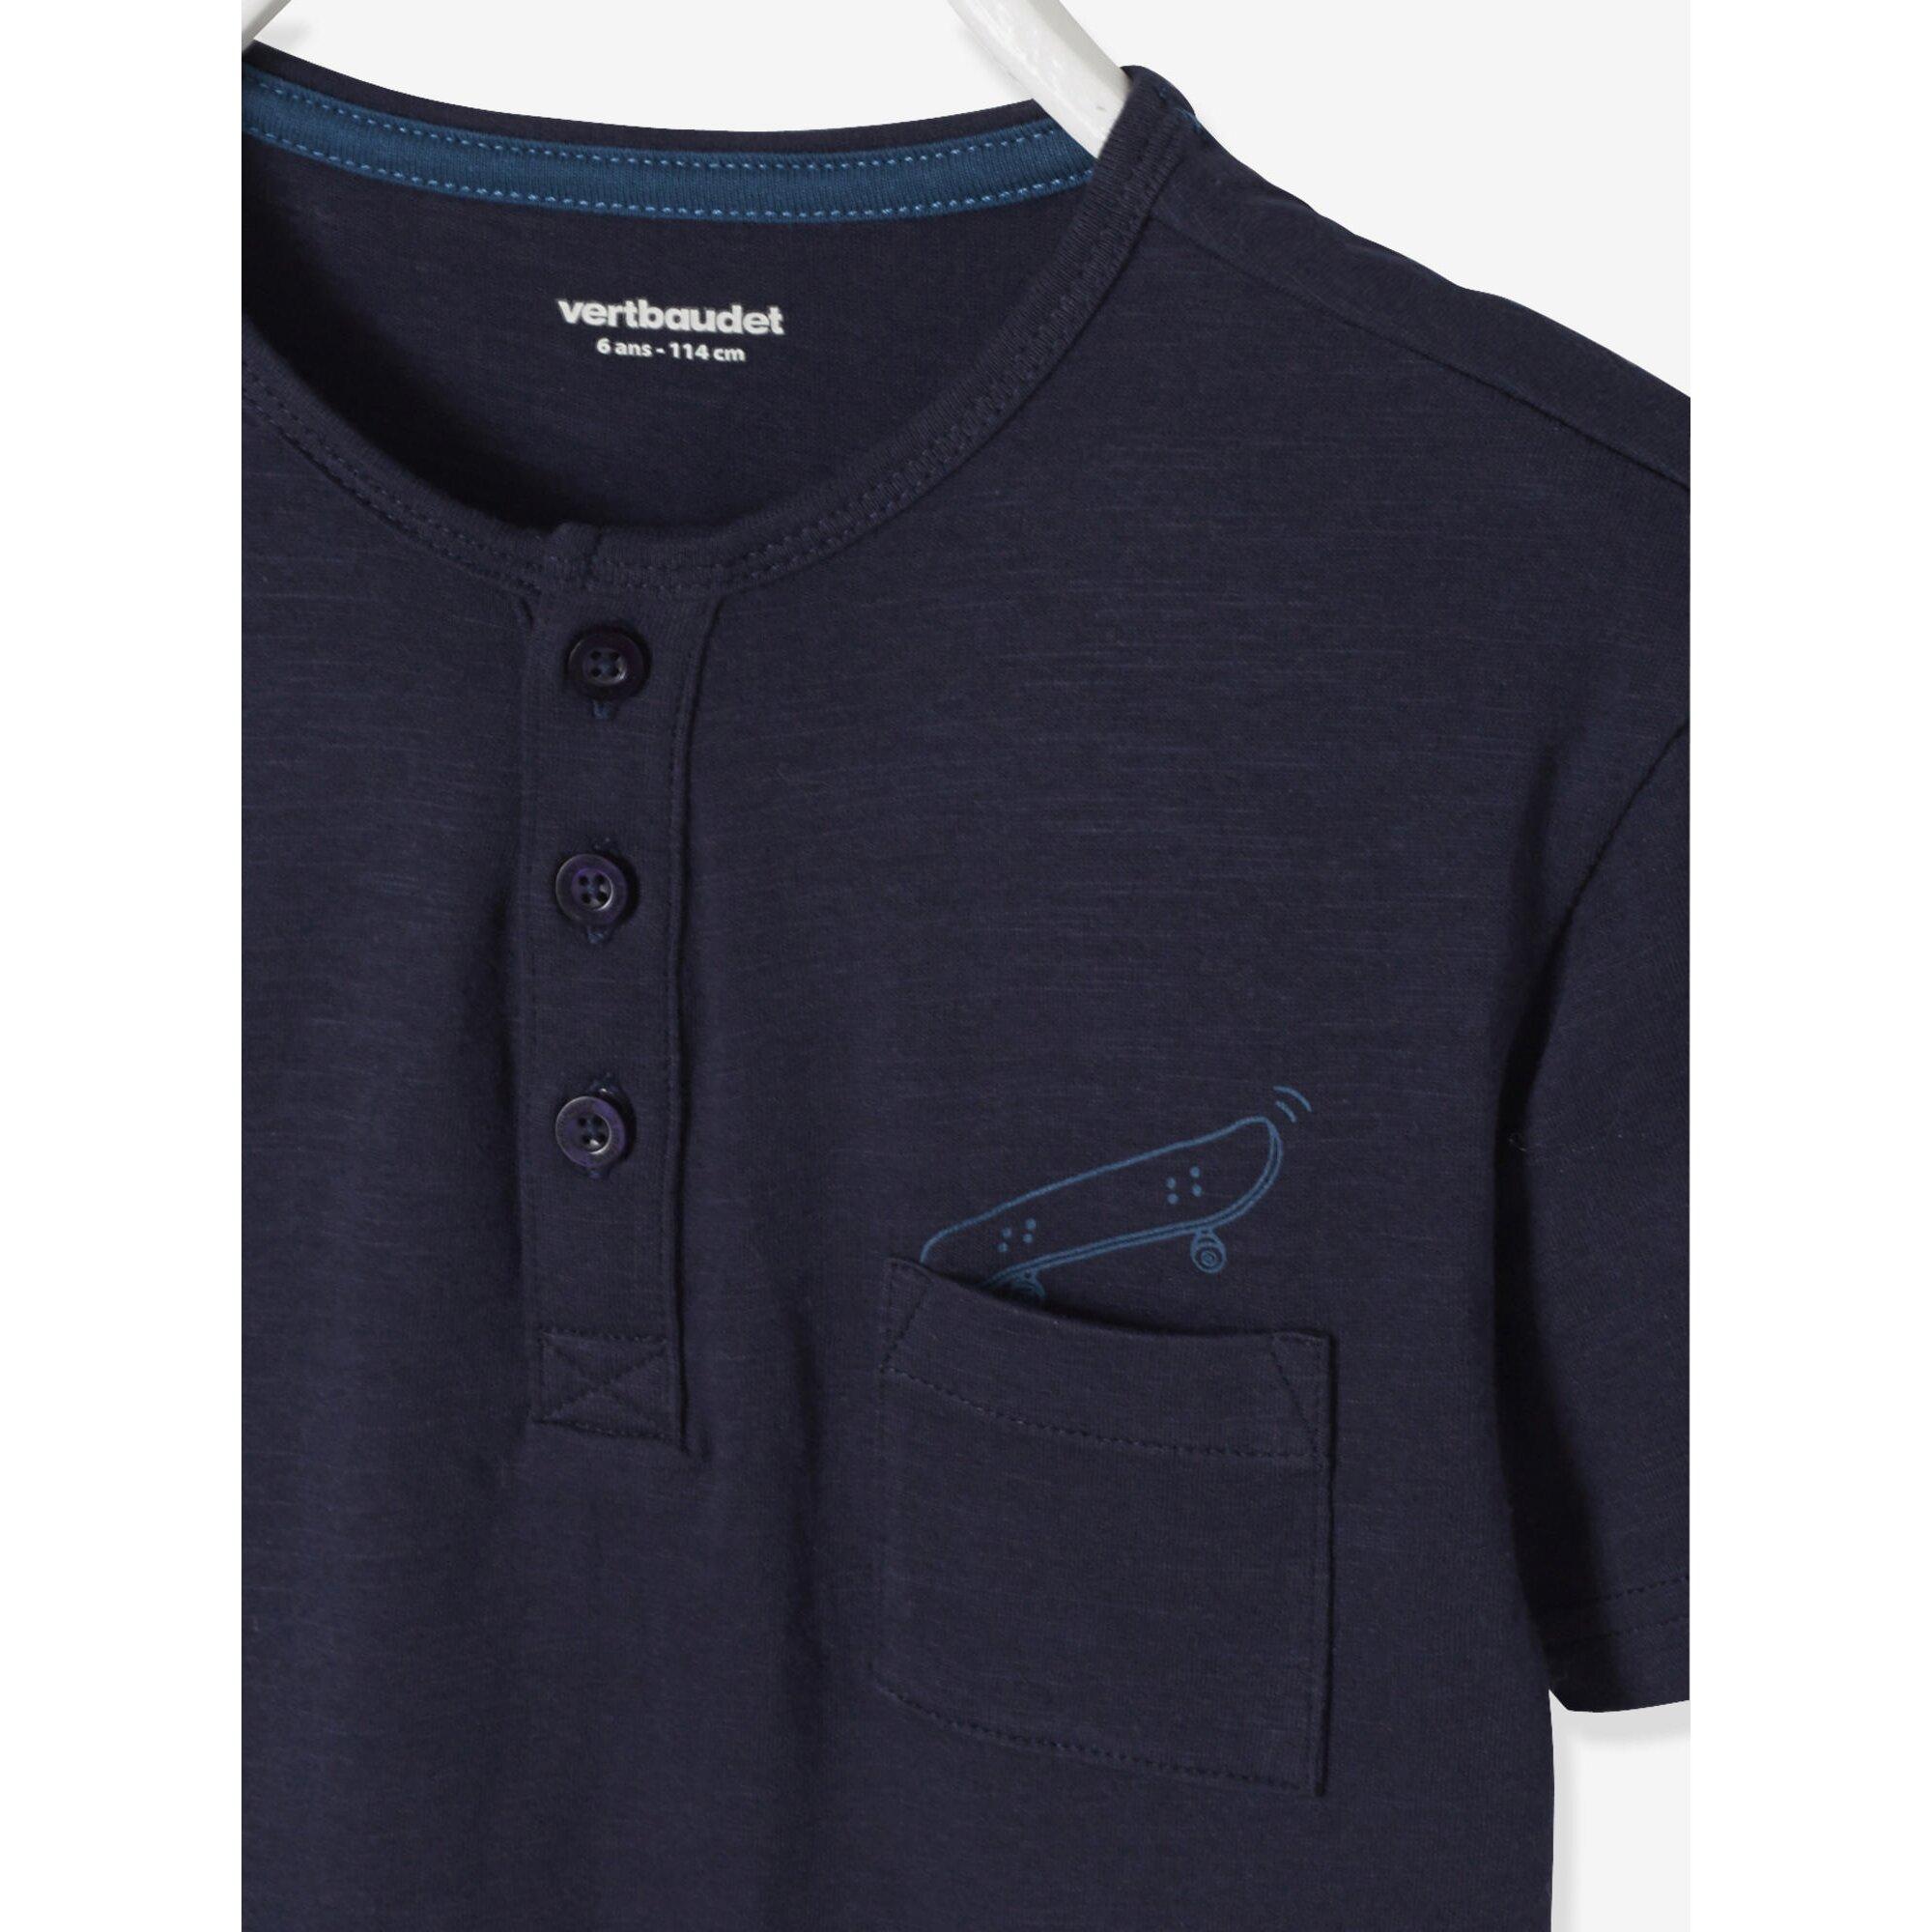 vertbaudet-t-shirt-mit-brusttasche-bedruckt